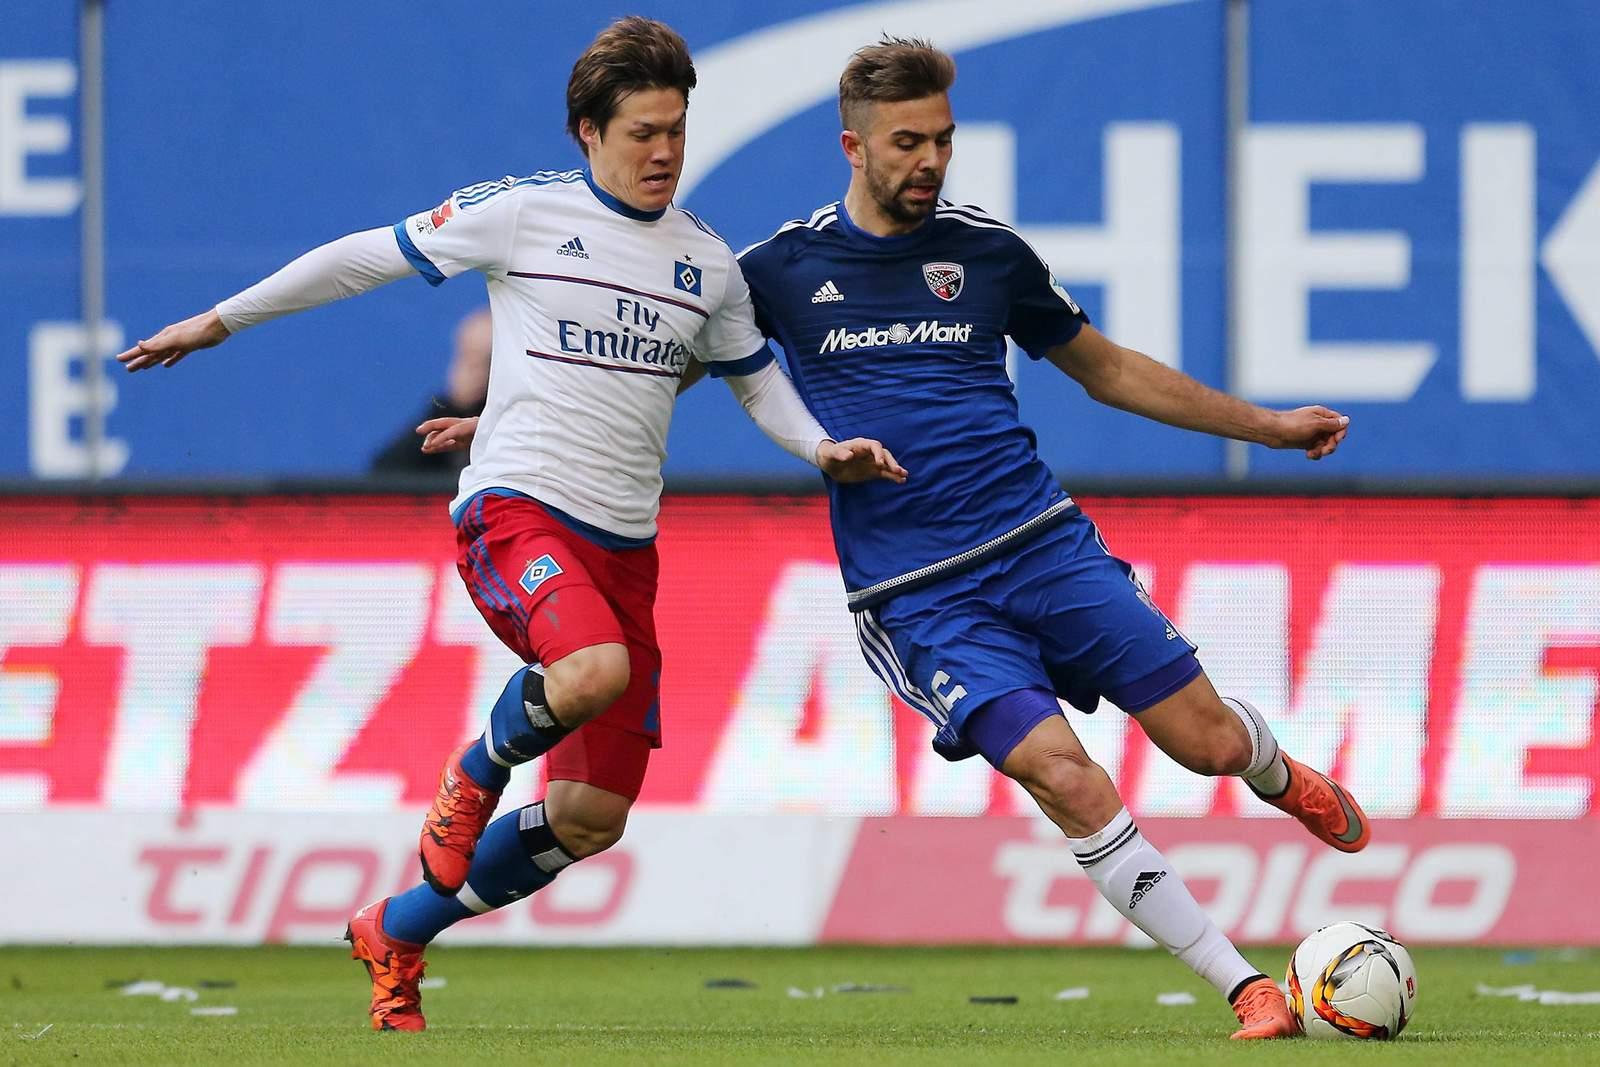 Setzt sich Sakai gegen Hinterseer durch? Jetzt auf HSV gegen FC Ingolstadt wetten